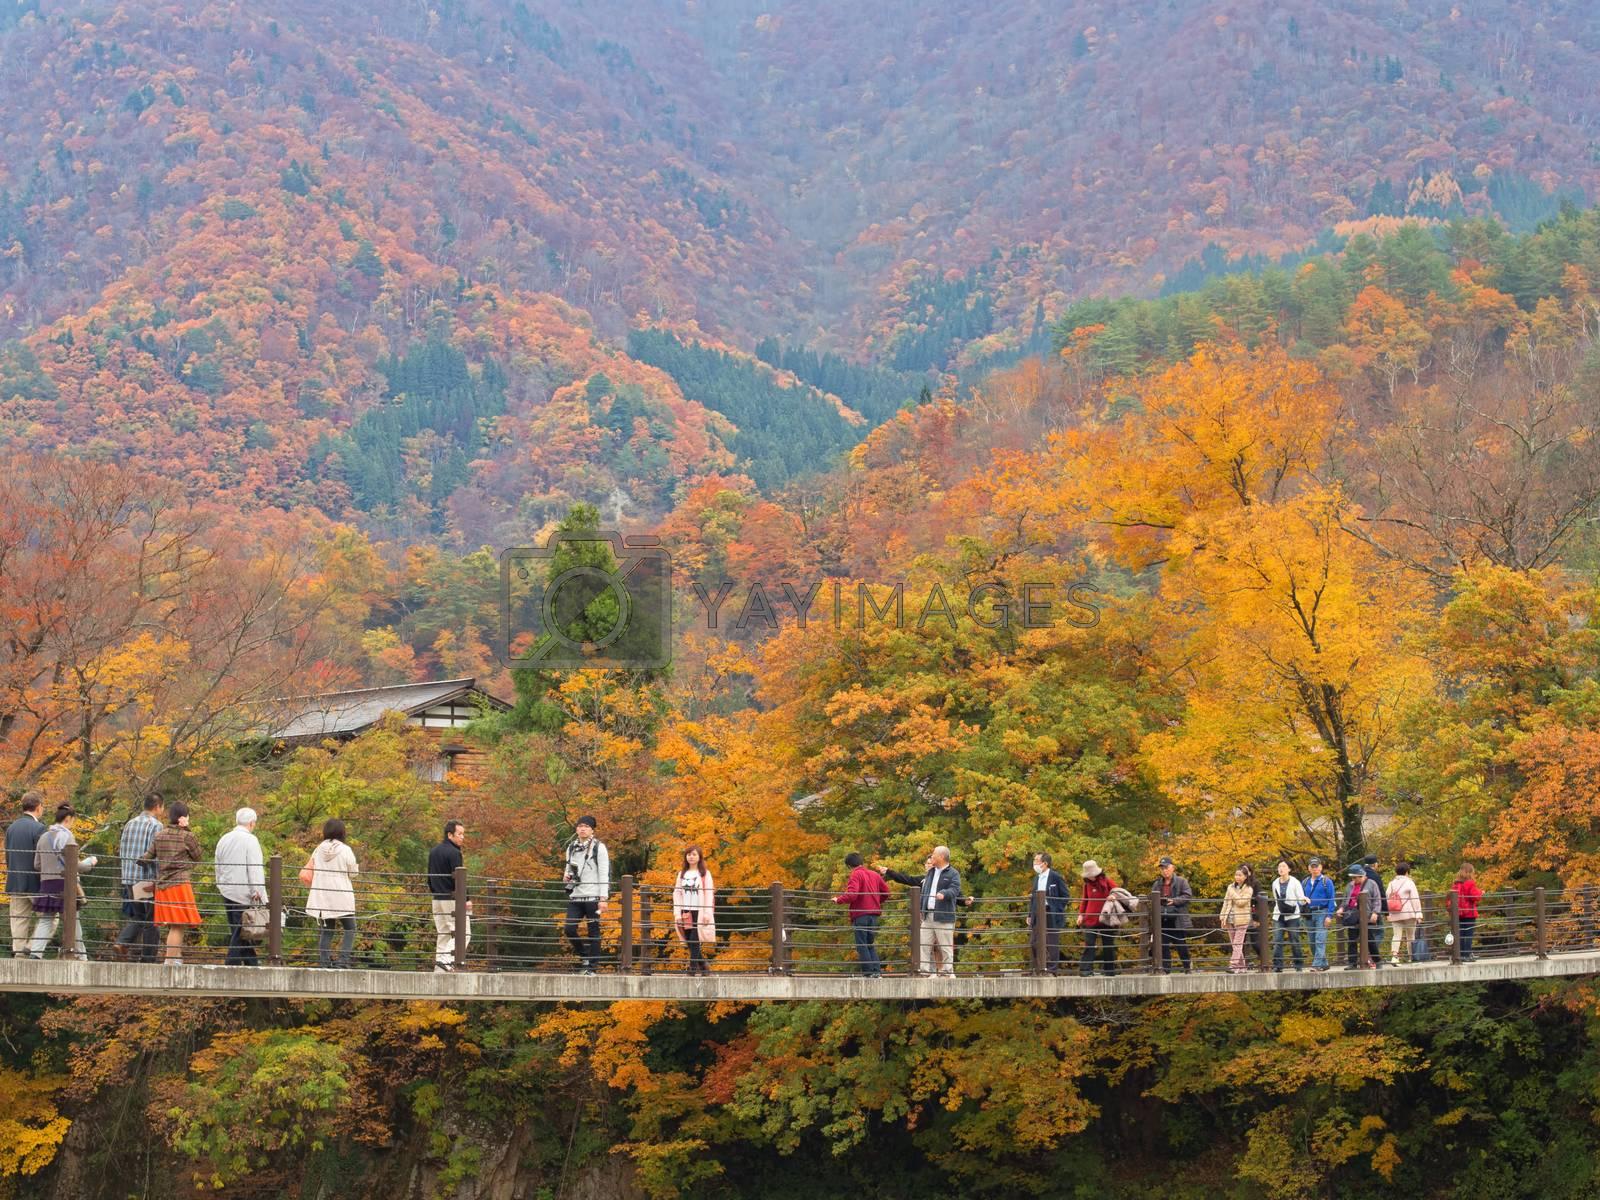 Royalty free image of bridge crossing at shirakawago by zkruger